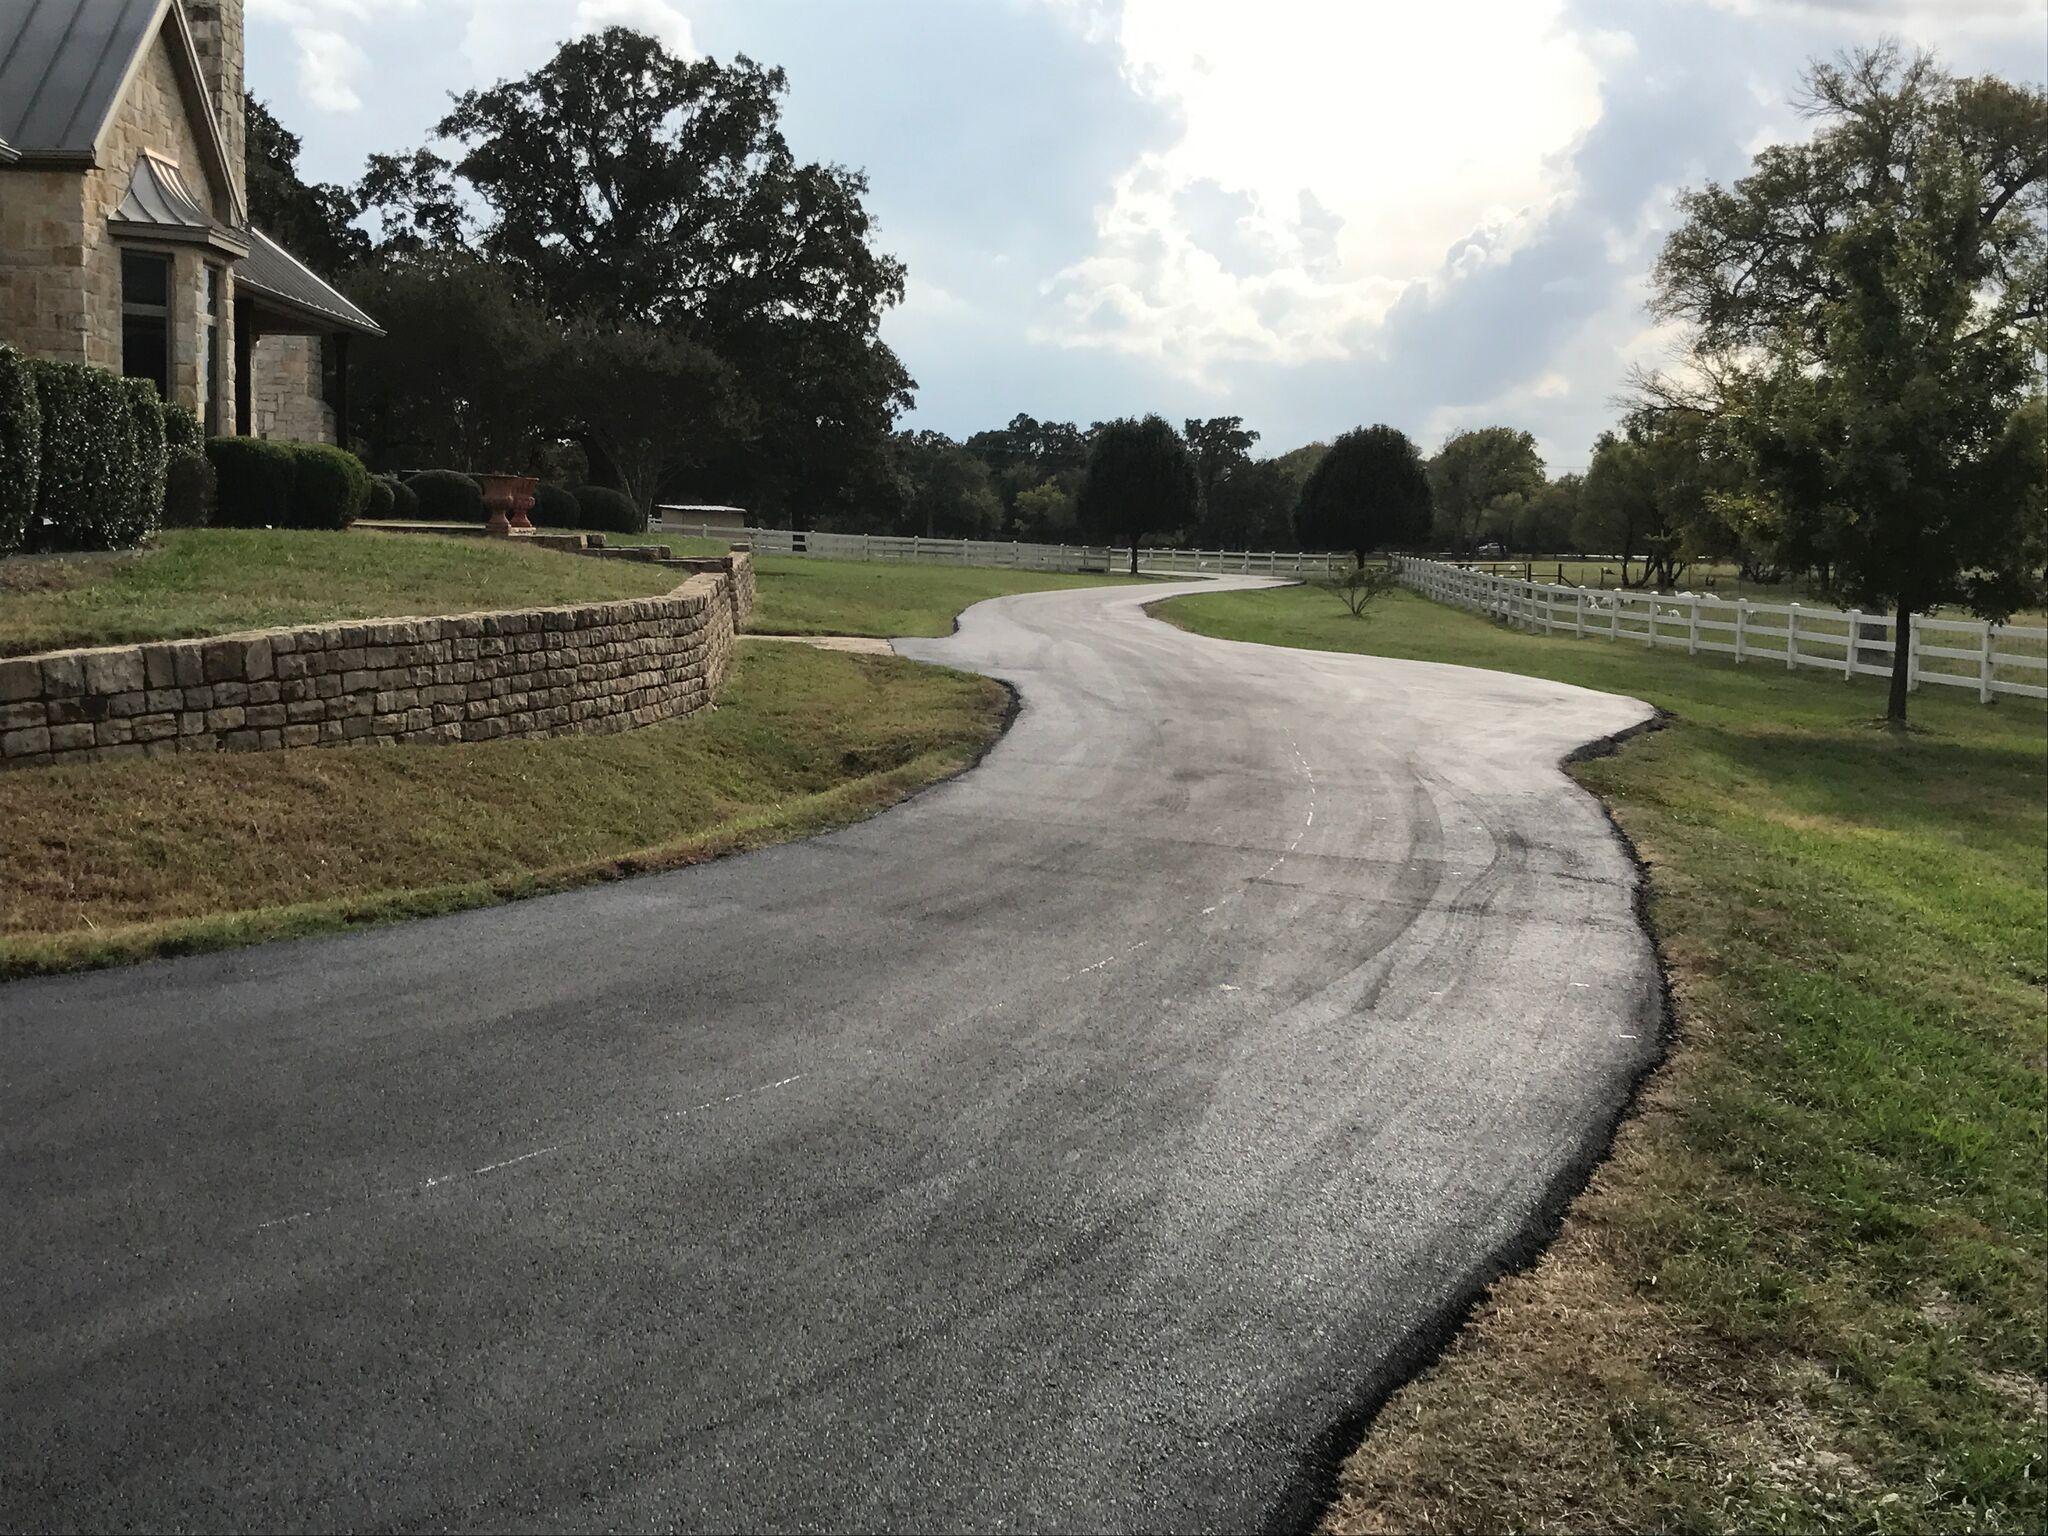 Rural Driveway - 4